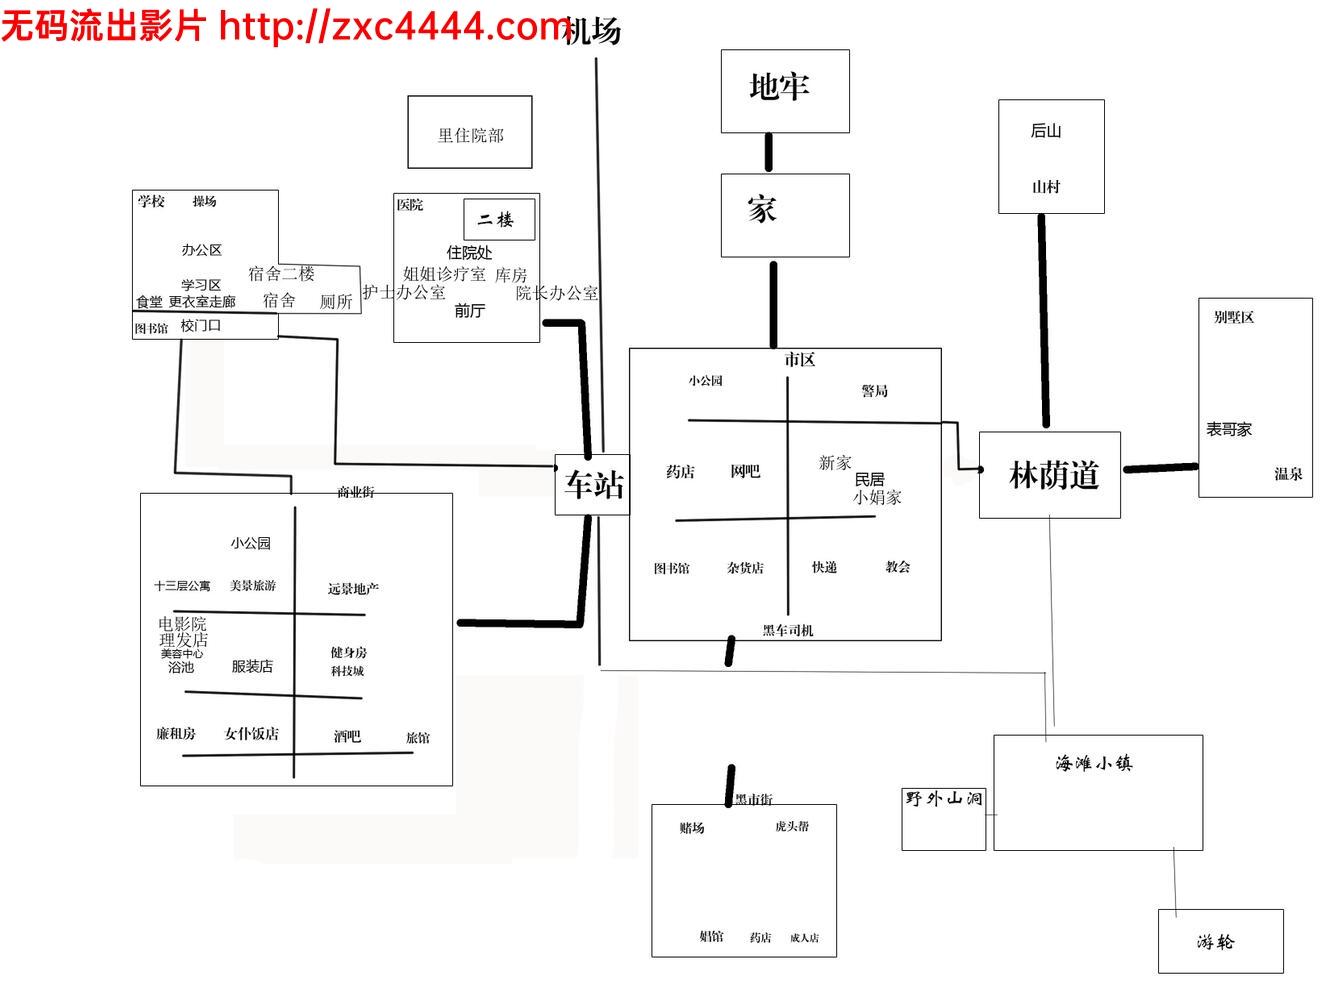 [国产RPG] 猎色人生之屌丝猎艳记 V2.1 [FM][中文][完结作弊修复版][PC+安卓完结][攻略][CG][3.4G] 3